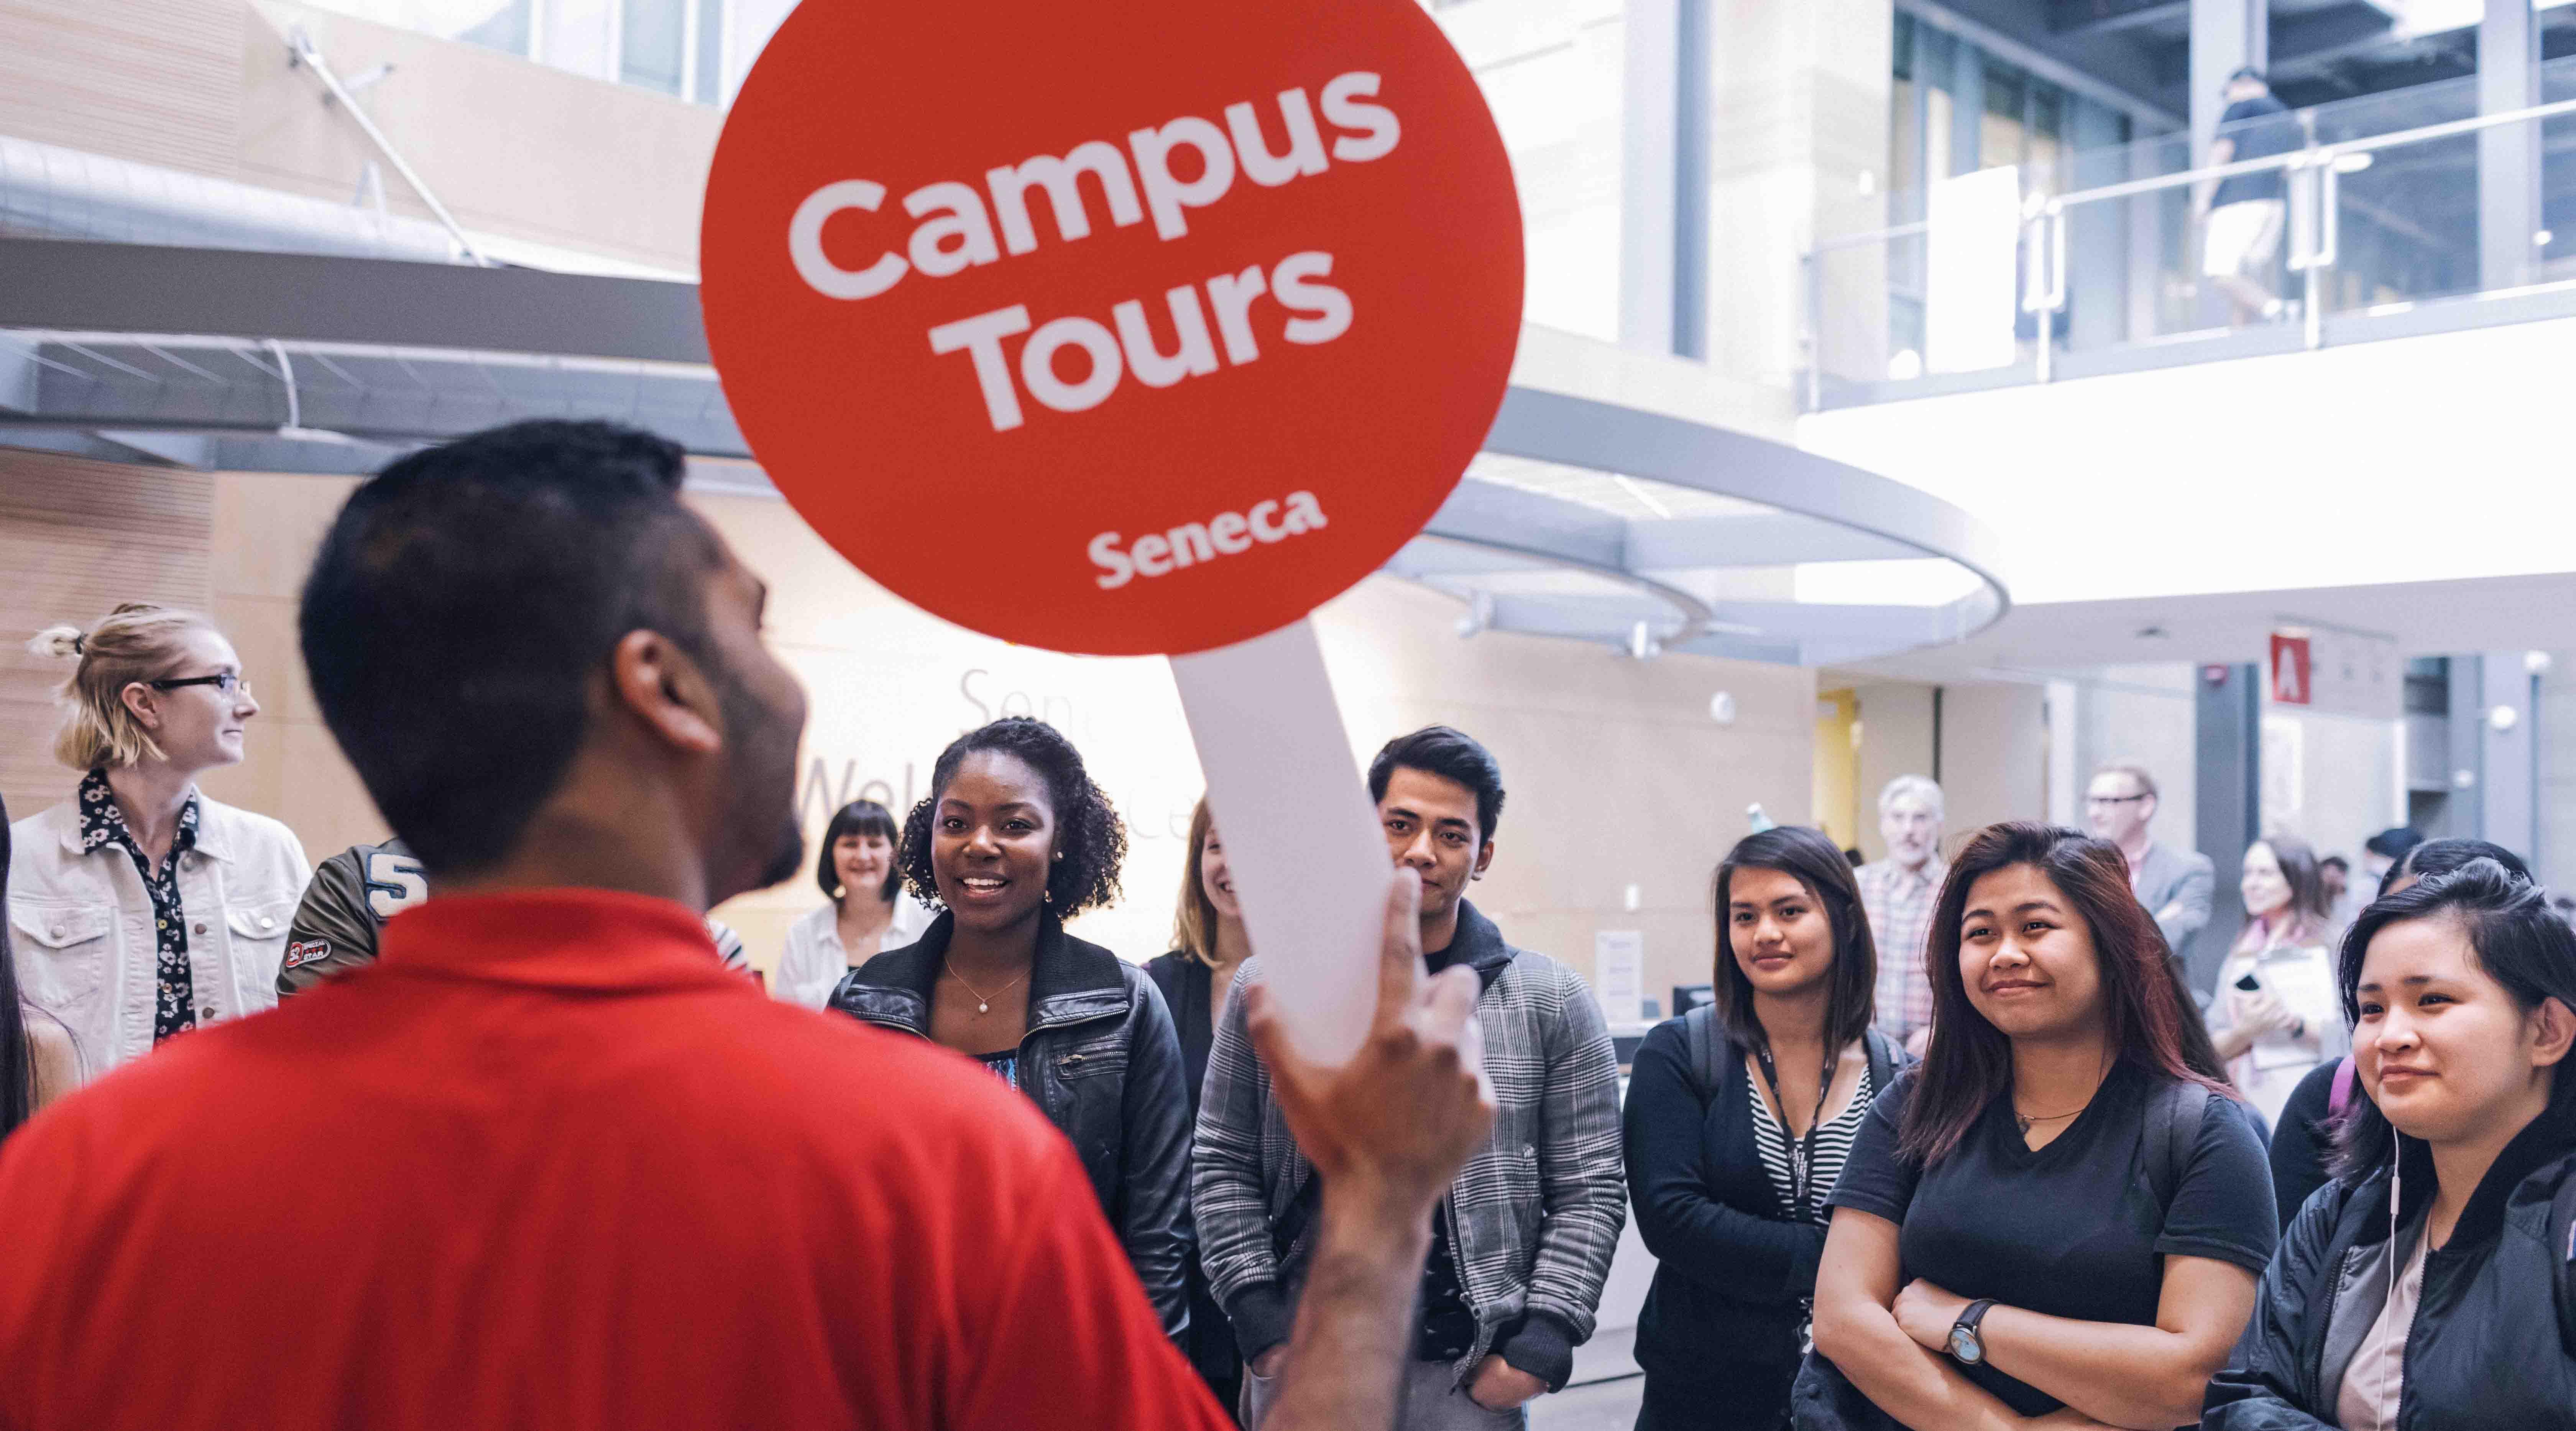 Seneca Toronto Canada